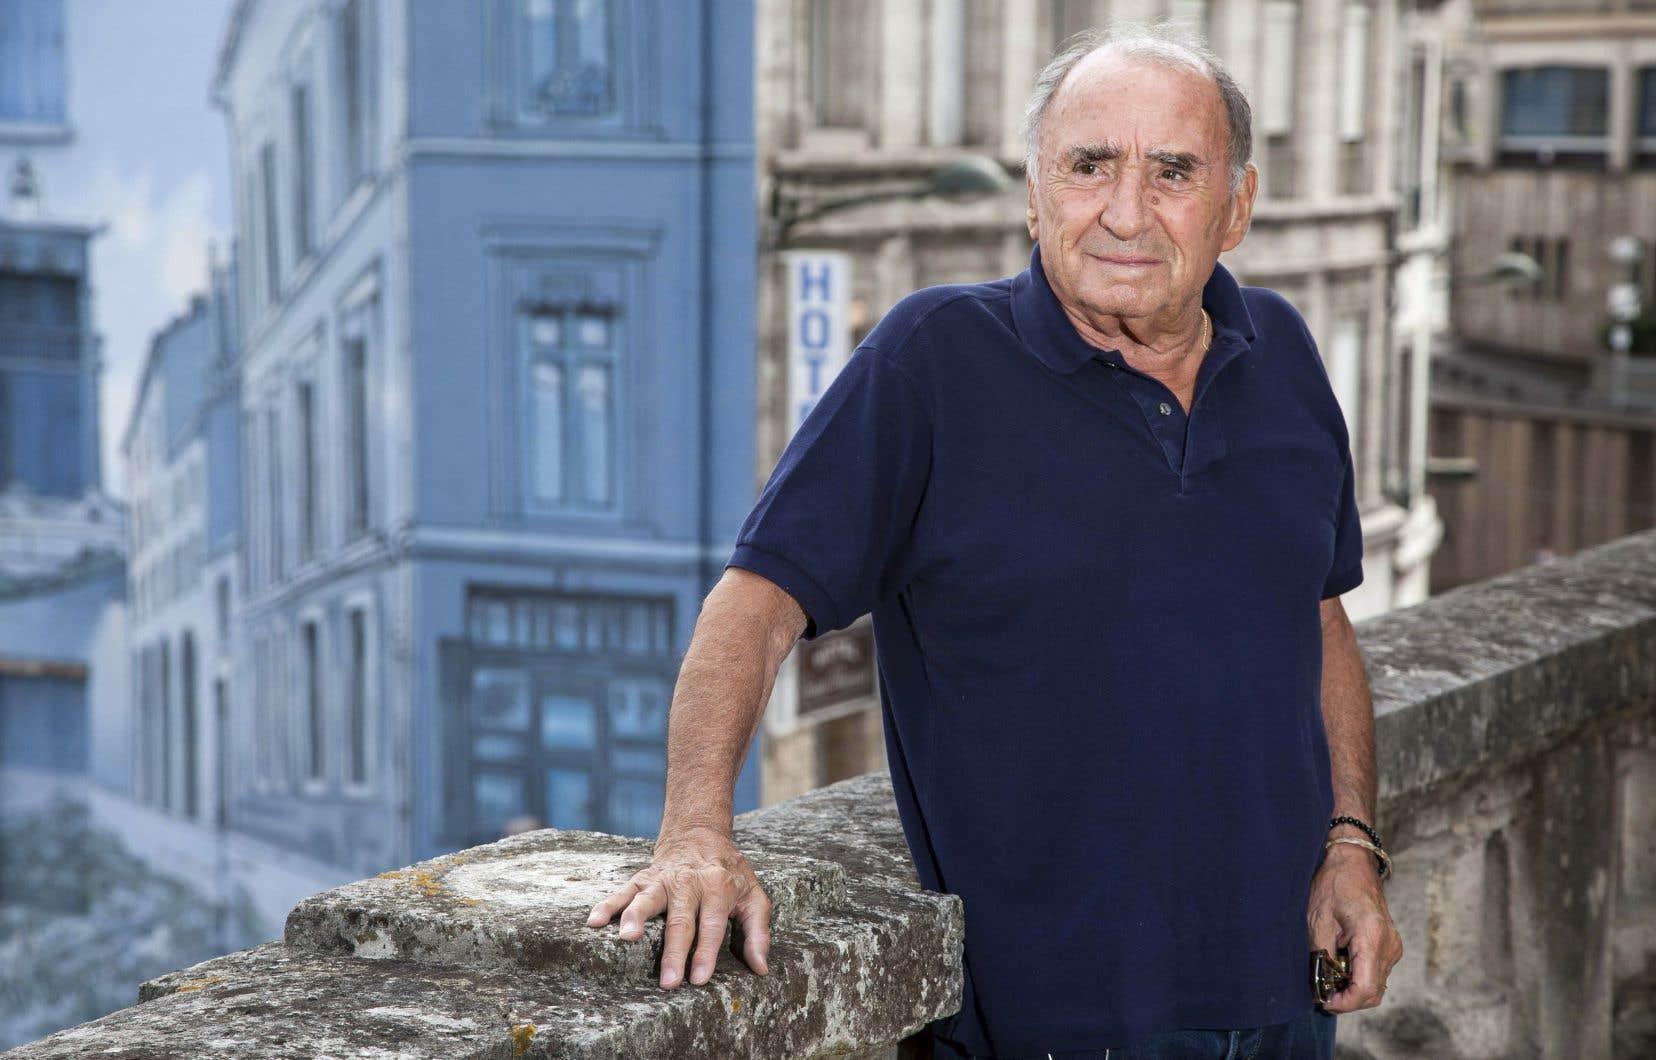 Claude Brasseur a marqué l'écran avec des films à succès comme Un éléphant ça trompe énormément, La Boum, Camping et a tourné dans plus de 90 films.